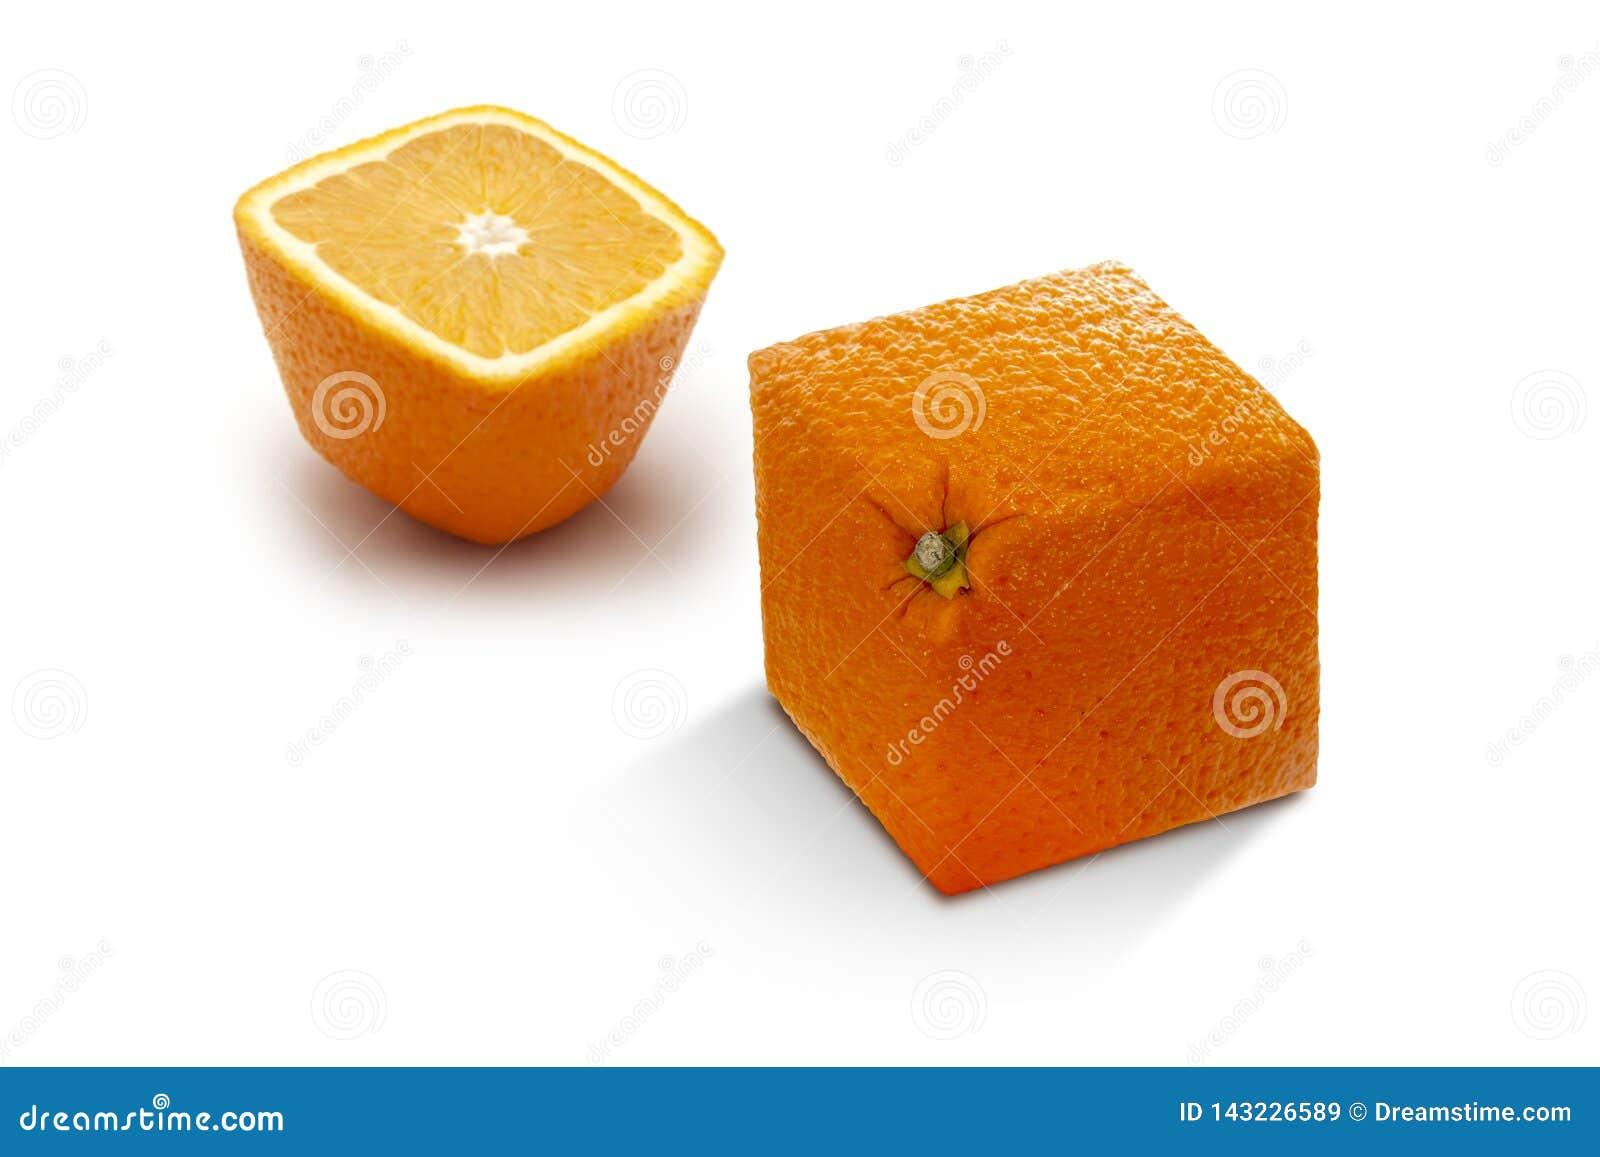 Två metade mogna apelsiner på en vit bakgrund